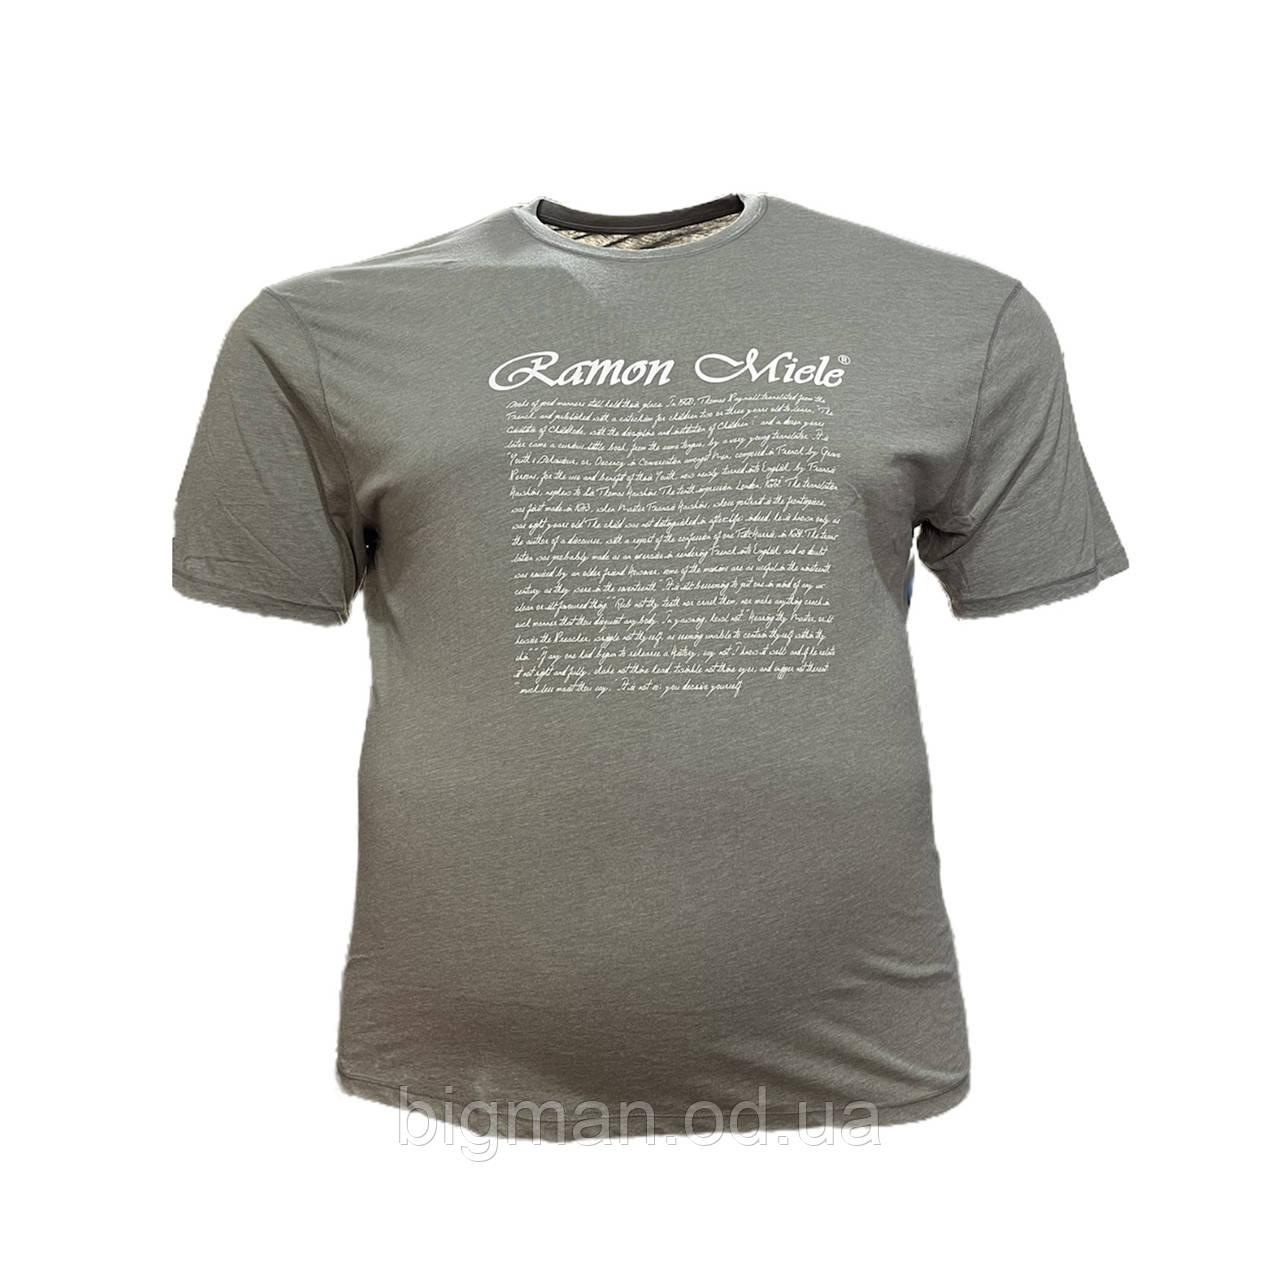 Чоловіча батальна футболка Miele 12116 2XL 3XL 4XL 5XL 6XL хакі великі розміри Туреччина